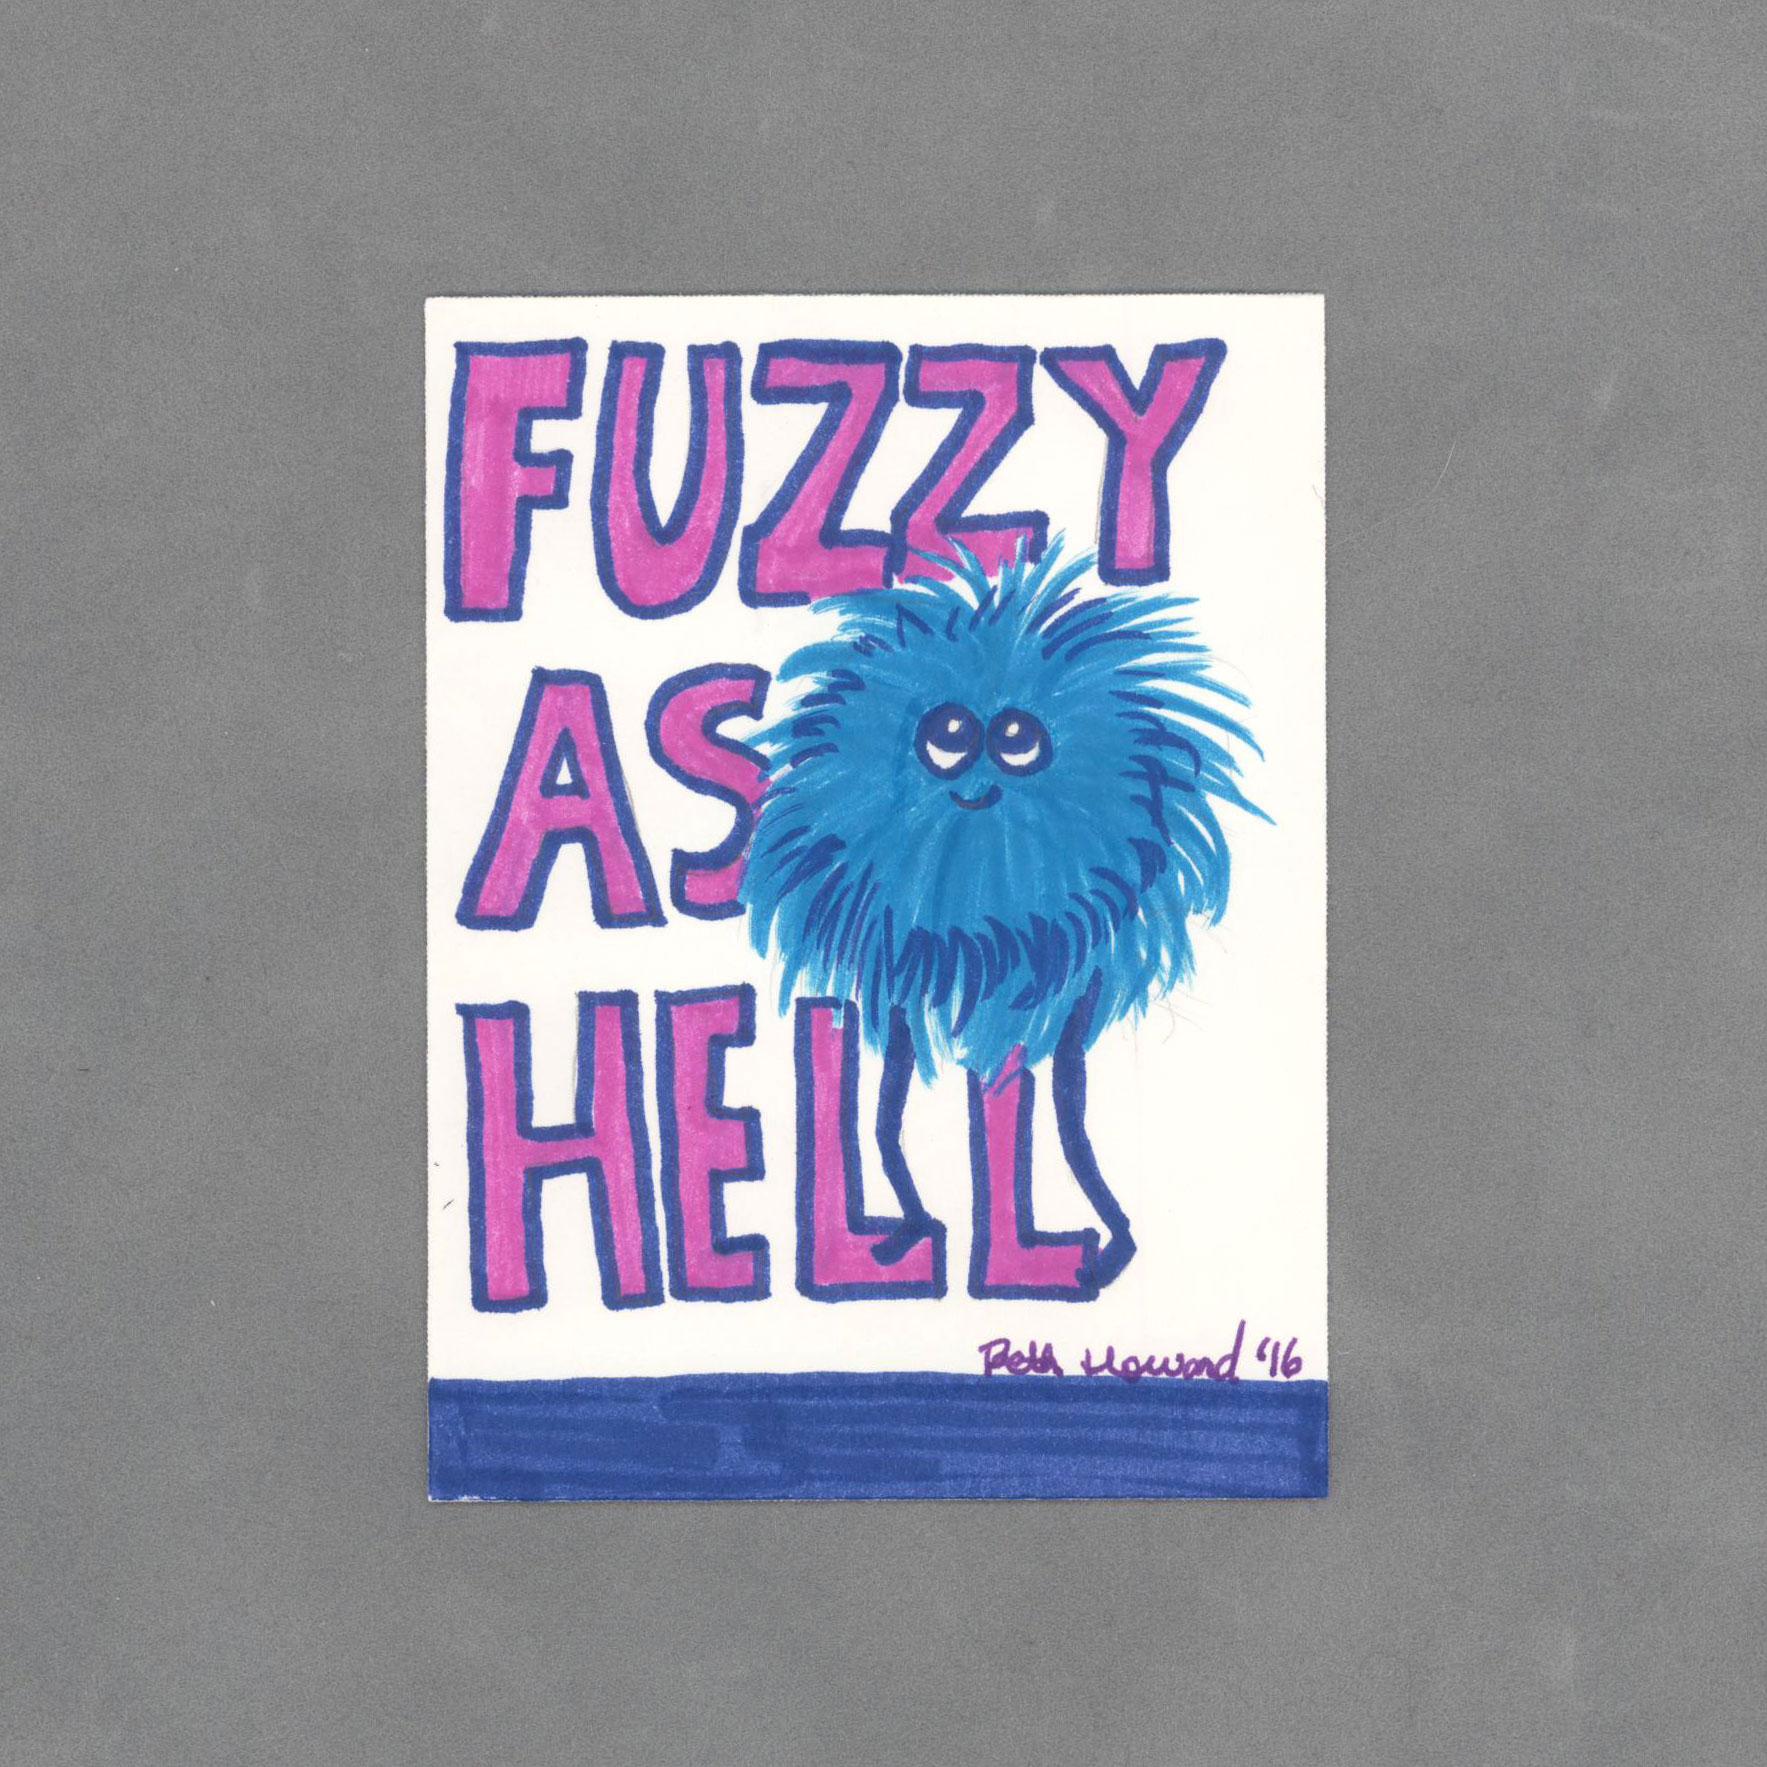 AC052FUZZY_FuzzyAsHellArtCardByWildeDesigns_01